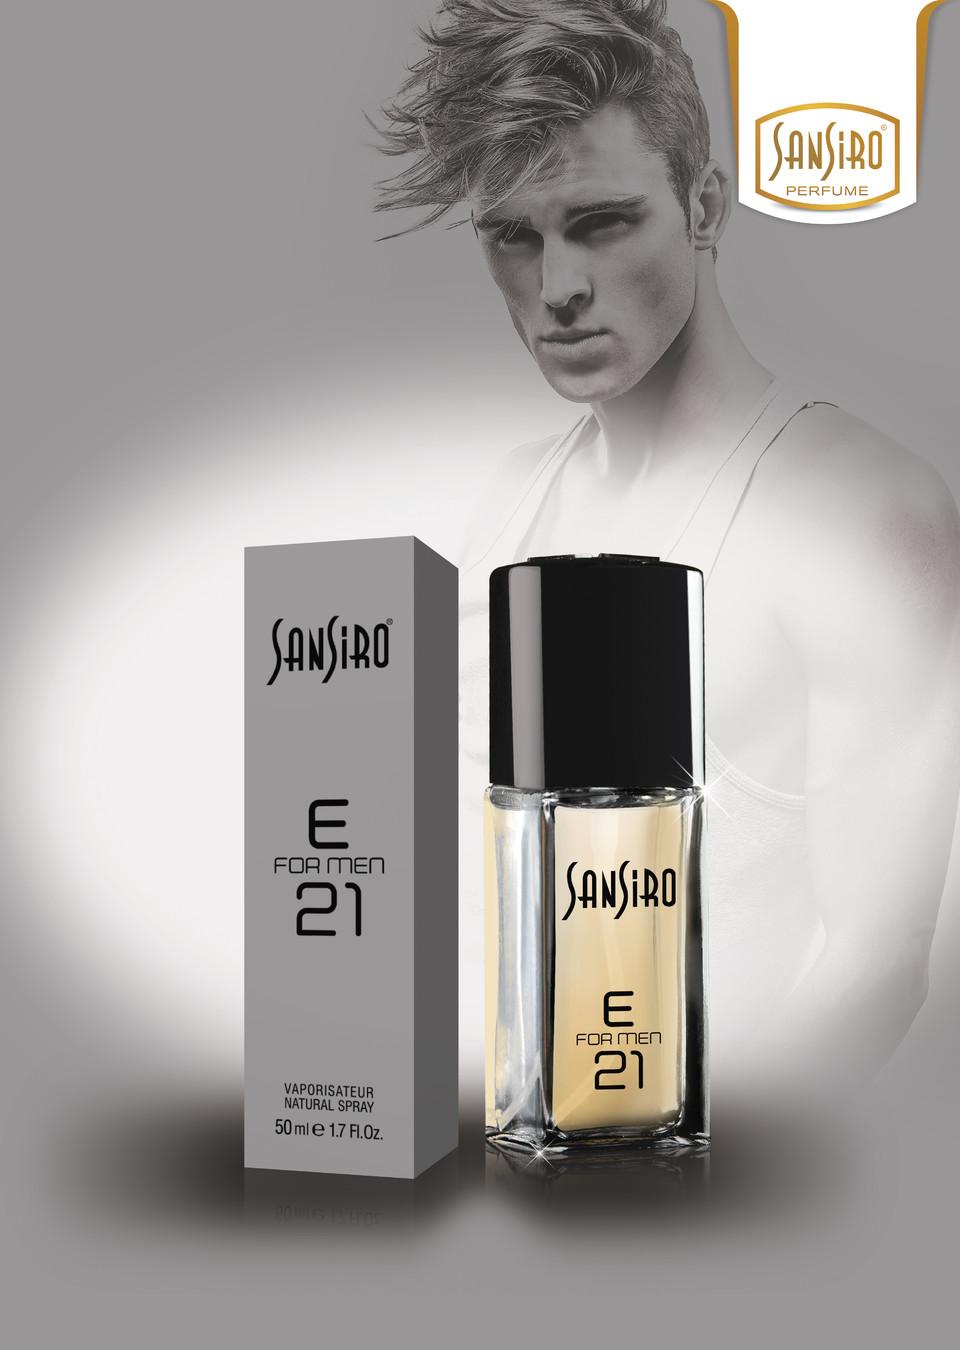 Sansiro Perfume - For Men - Homini (E21)